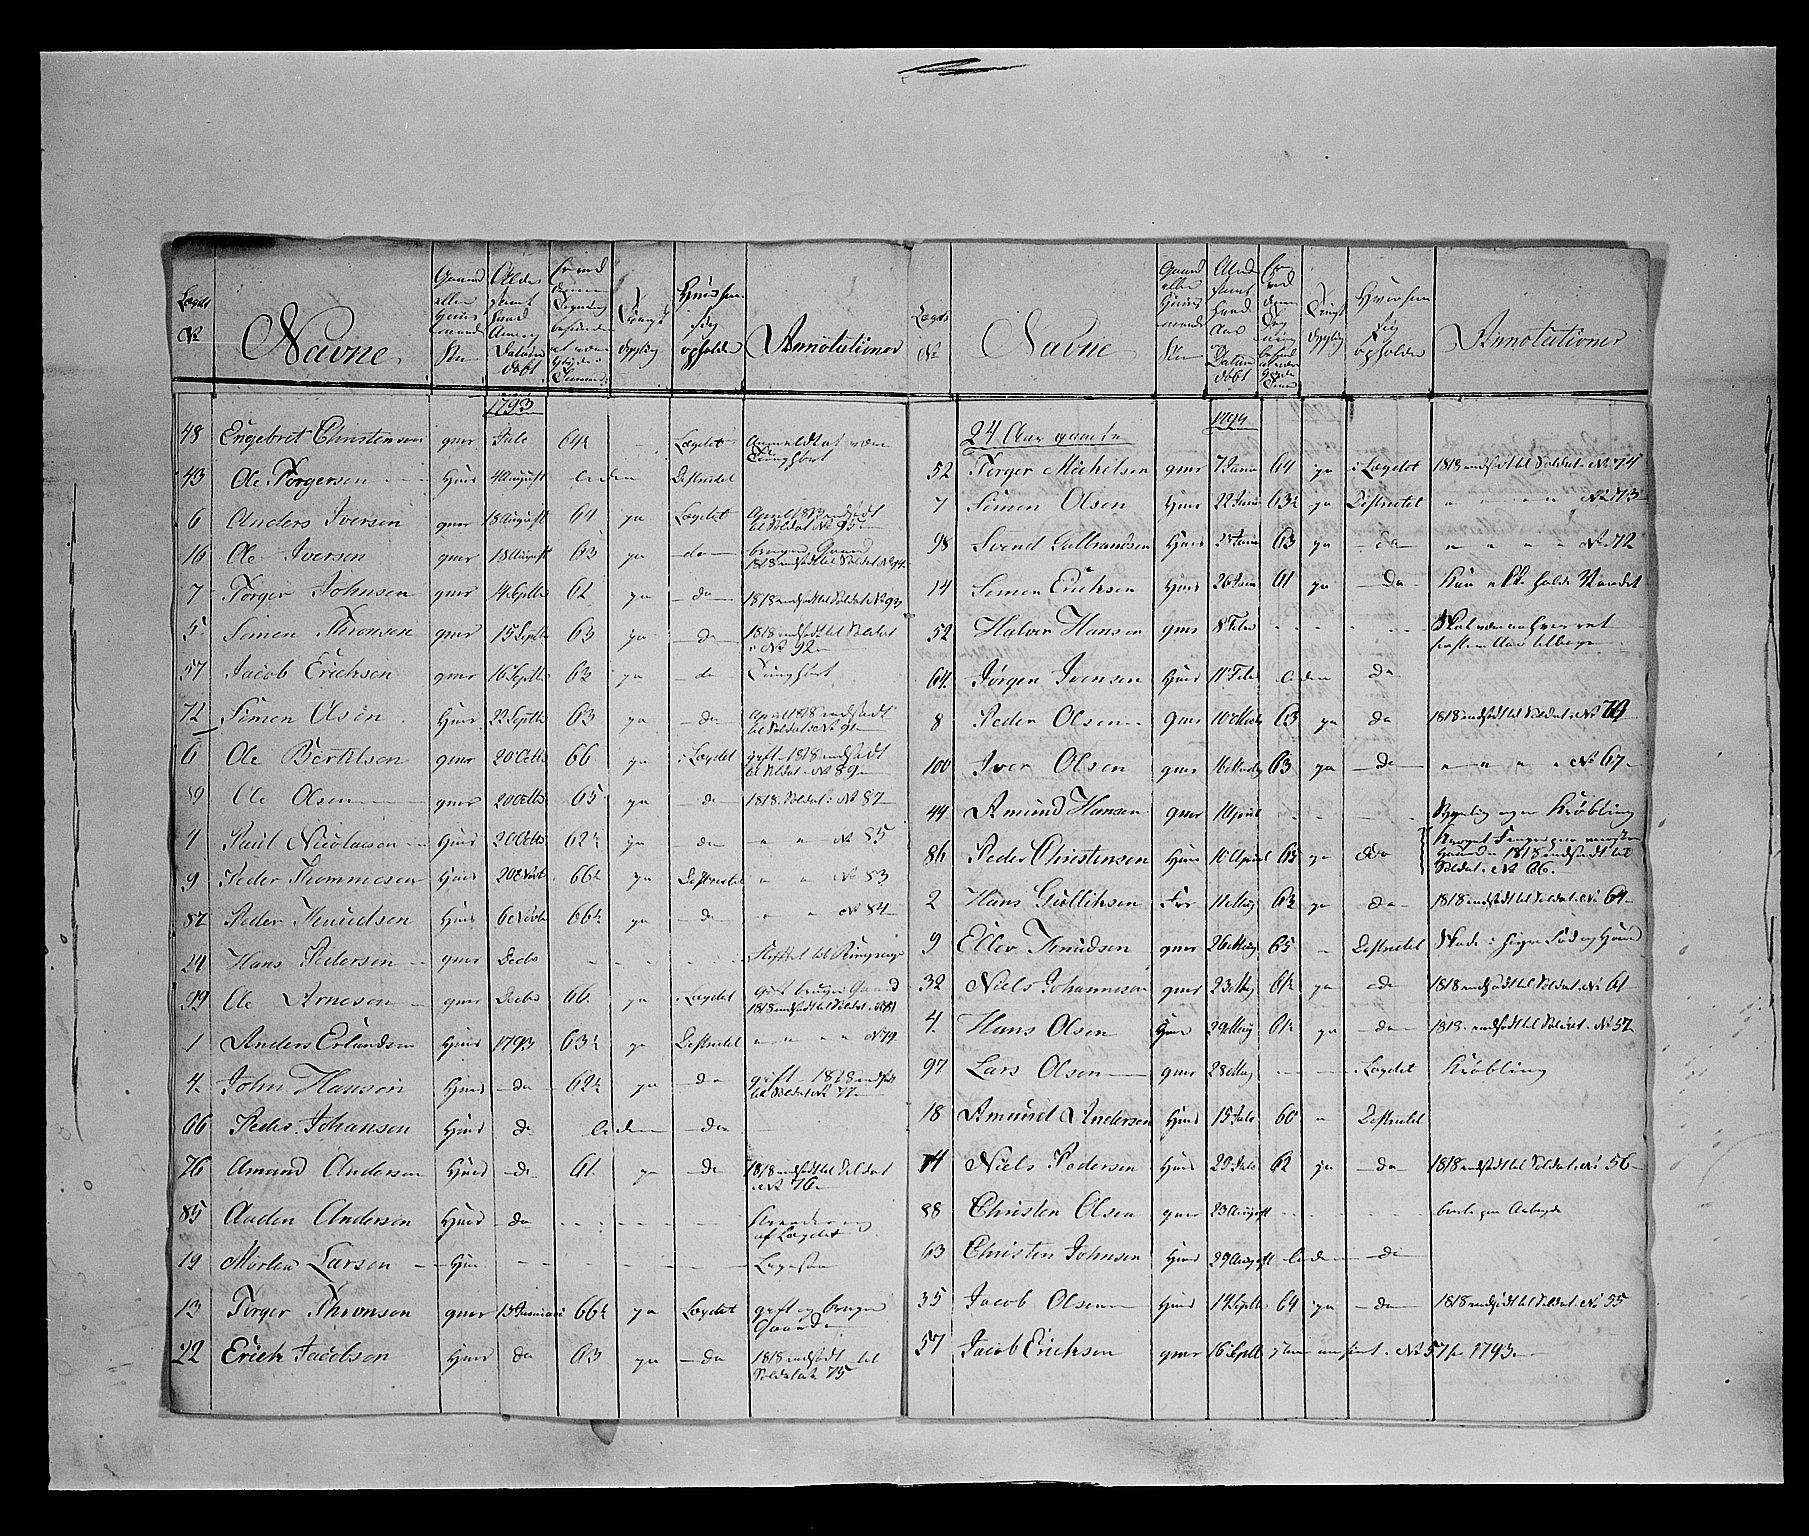 SAH, Fylkesmannen i Oppland, K/Ka/L1155: Gudbrandsdalen nasjonale musketérkorps - Gausdalske kompani, 3. og 4. divisjon av Opland landvernsbataljon, 1818-1860, p. 5